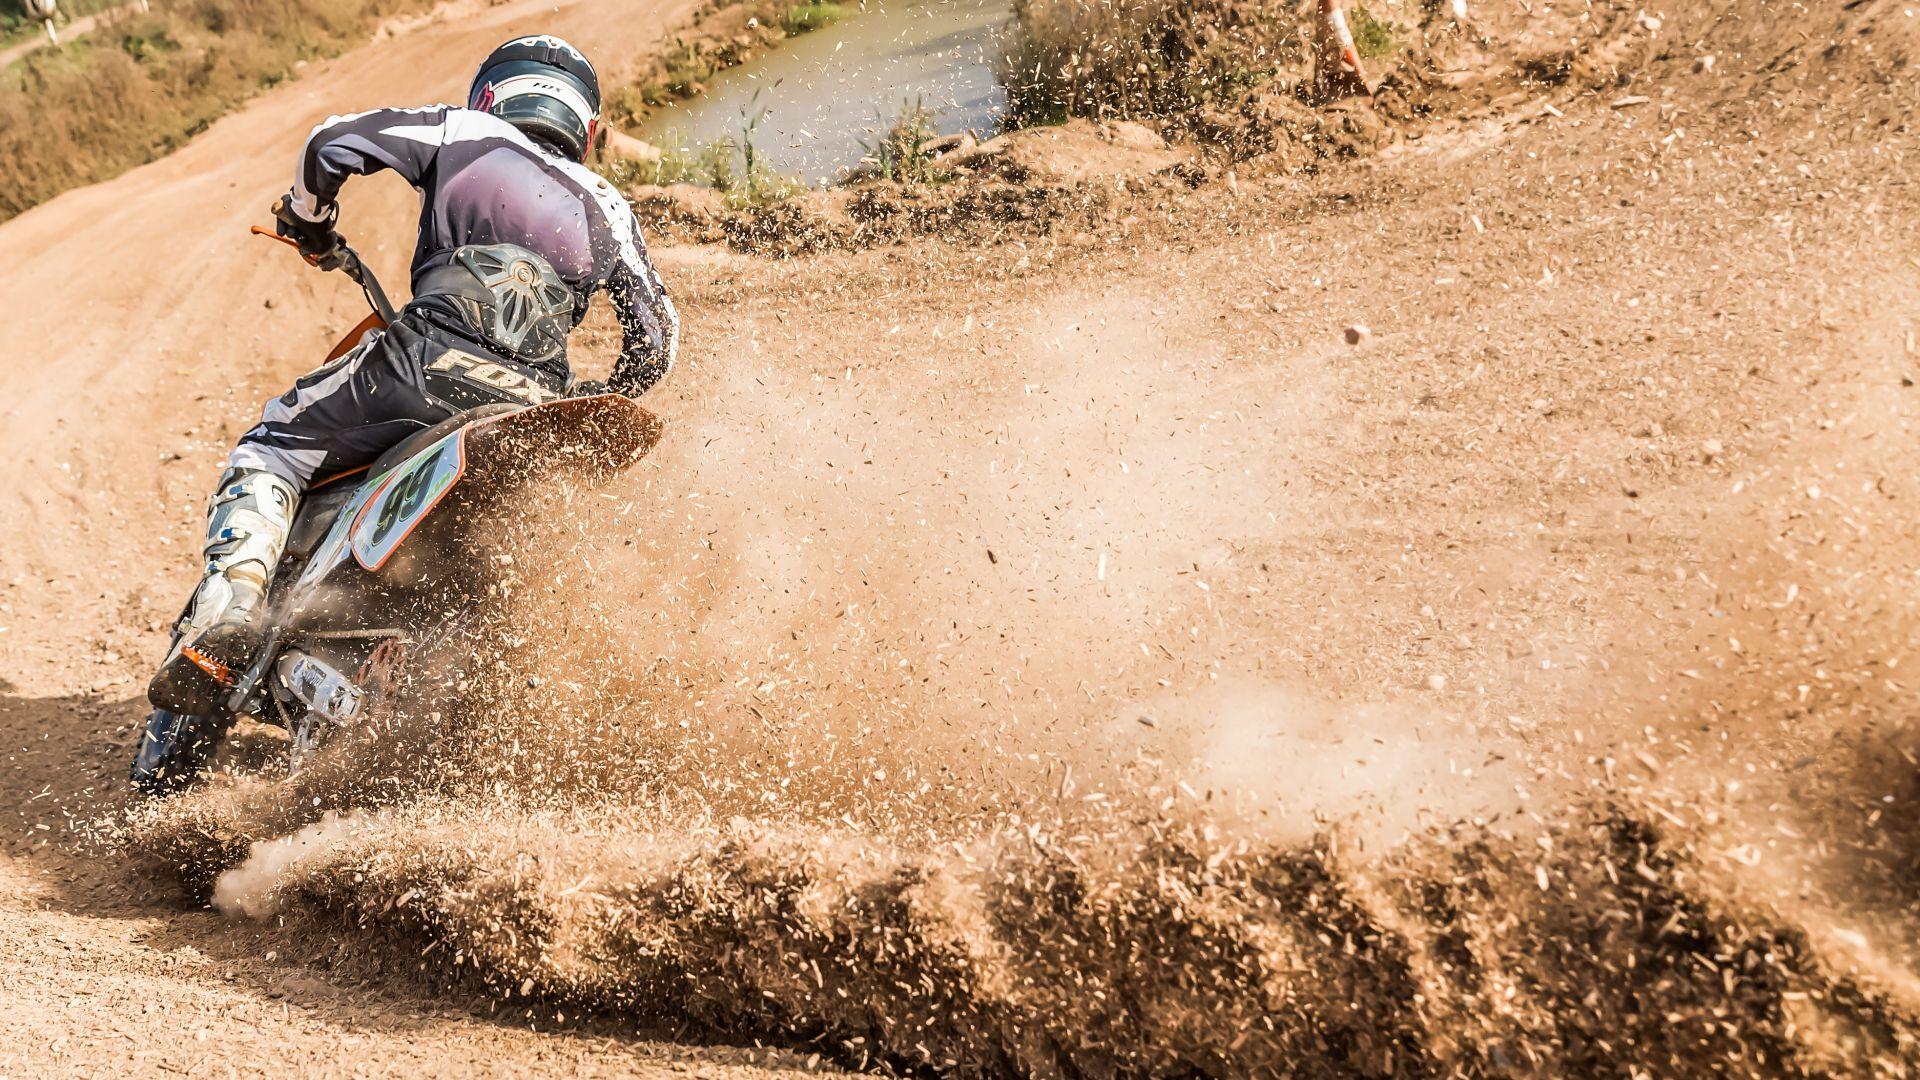 Wallpaper Bike race, motocross, race, bike